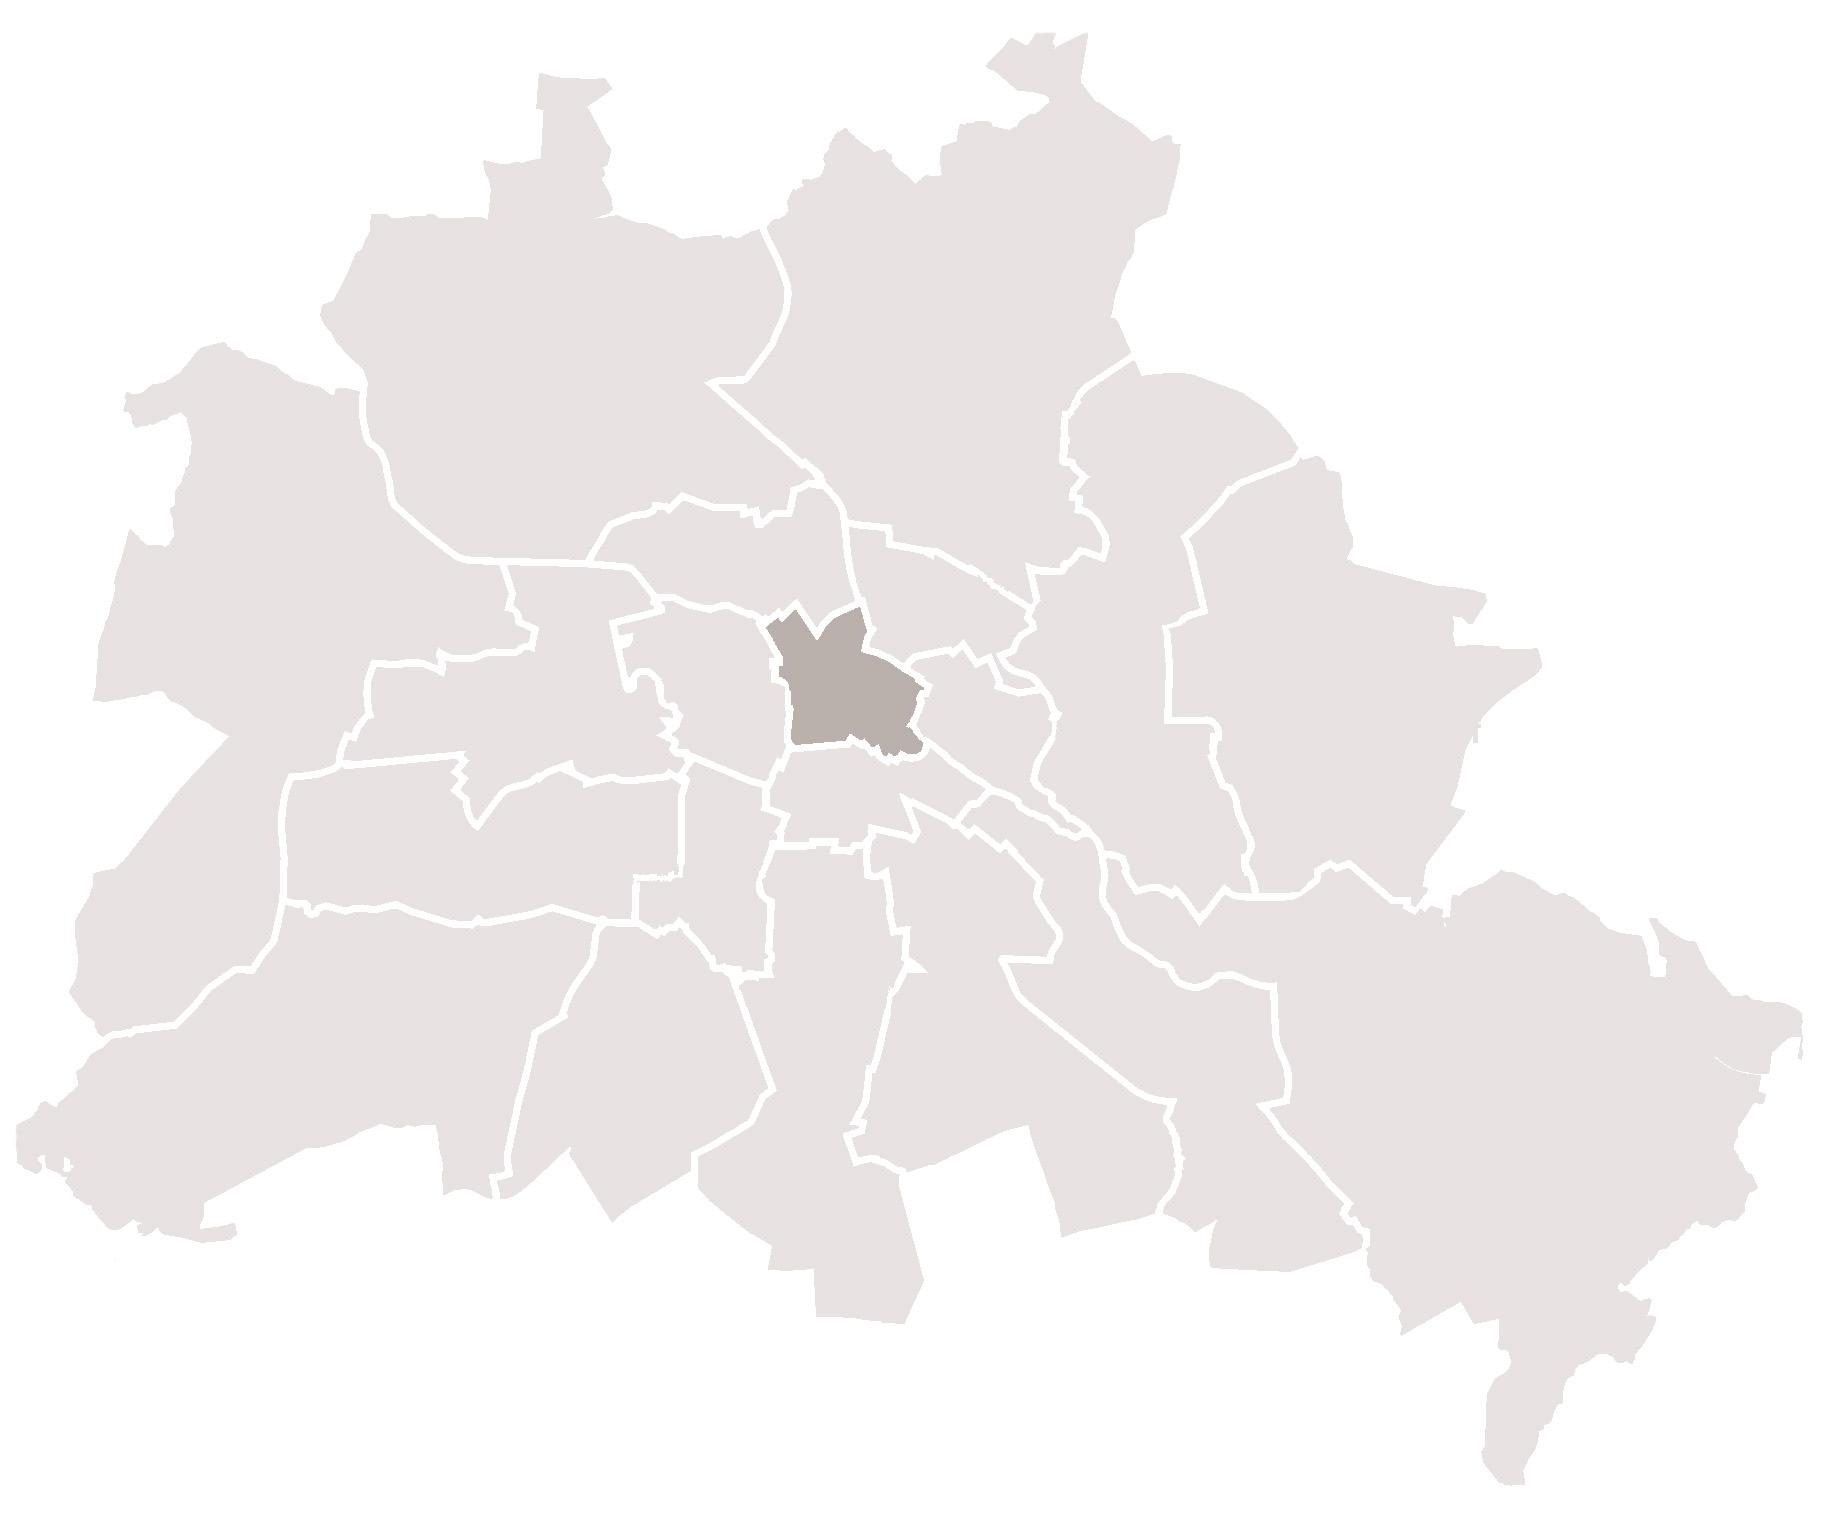 Karte Bezirk Mitte